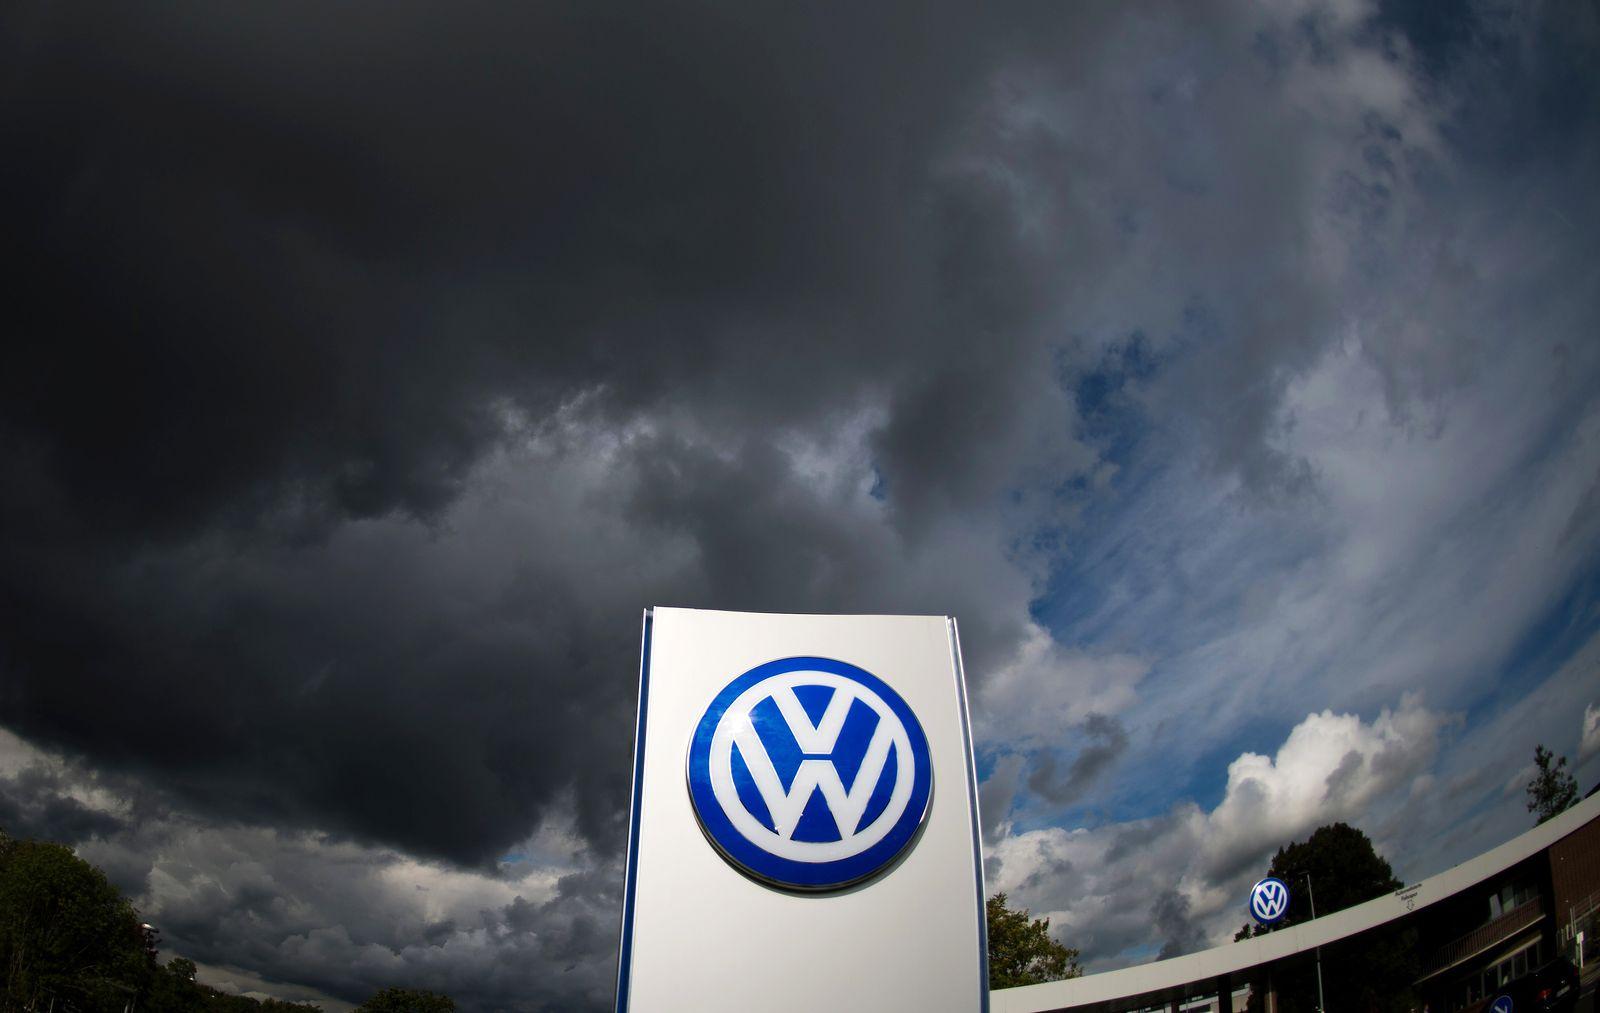 Volkswagen / VW / Wolfsburg